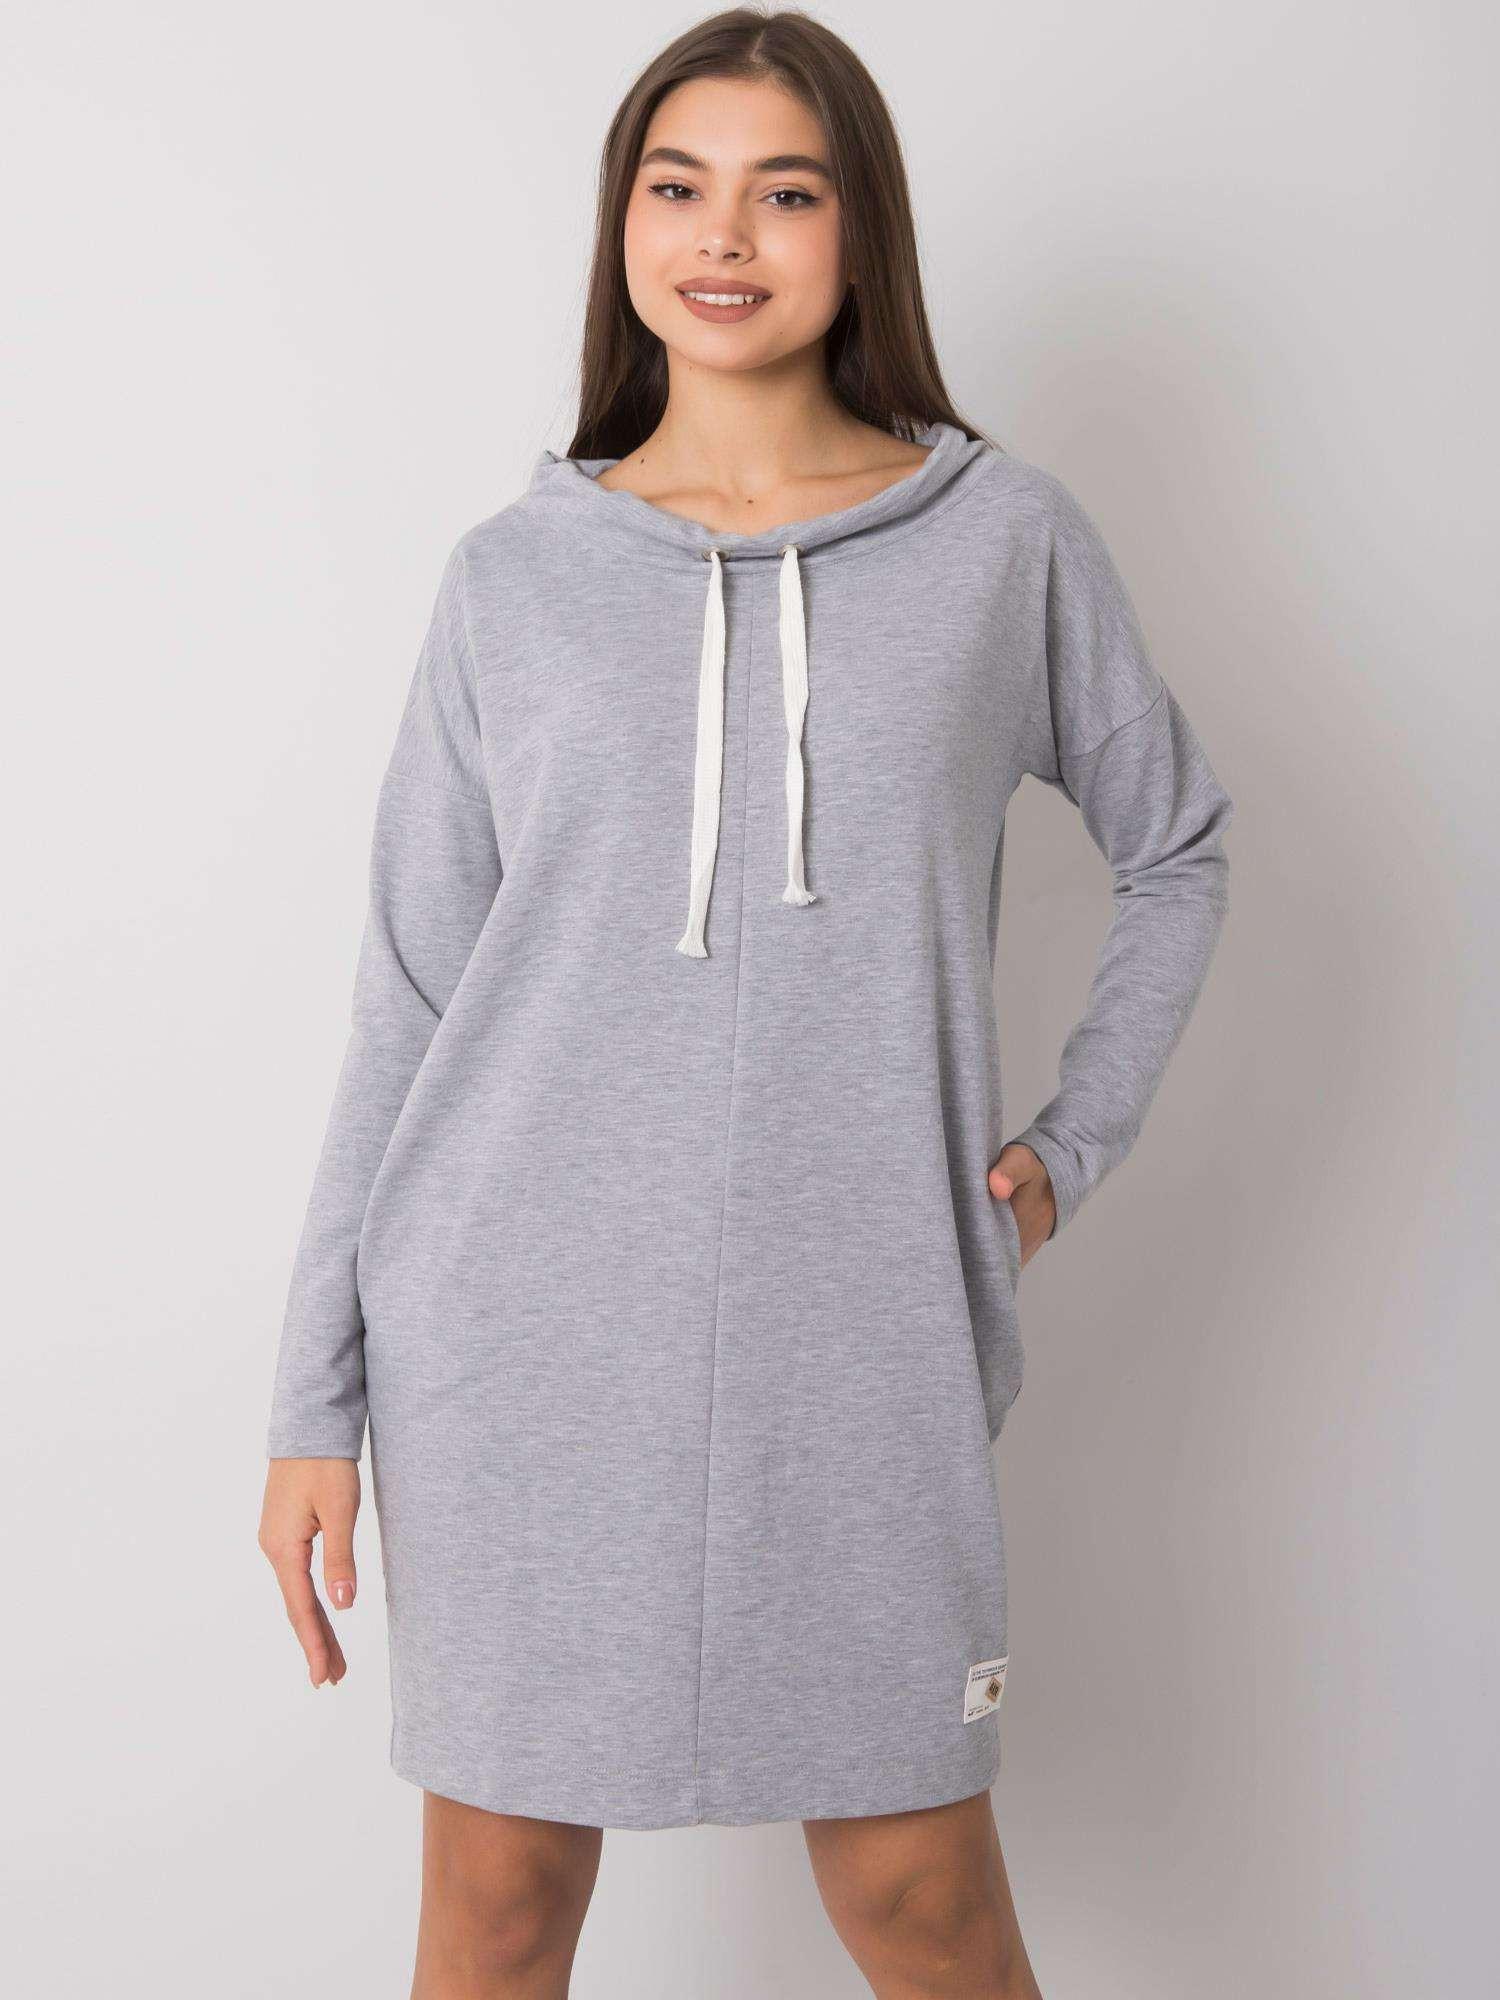 Šedé melanžovej bavlnené dámske šaty S/M